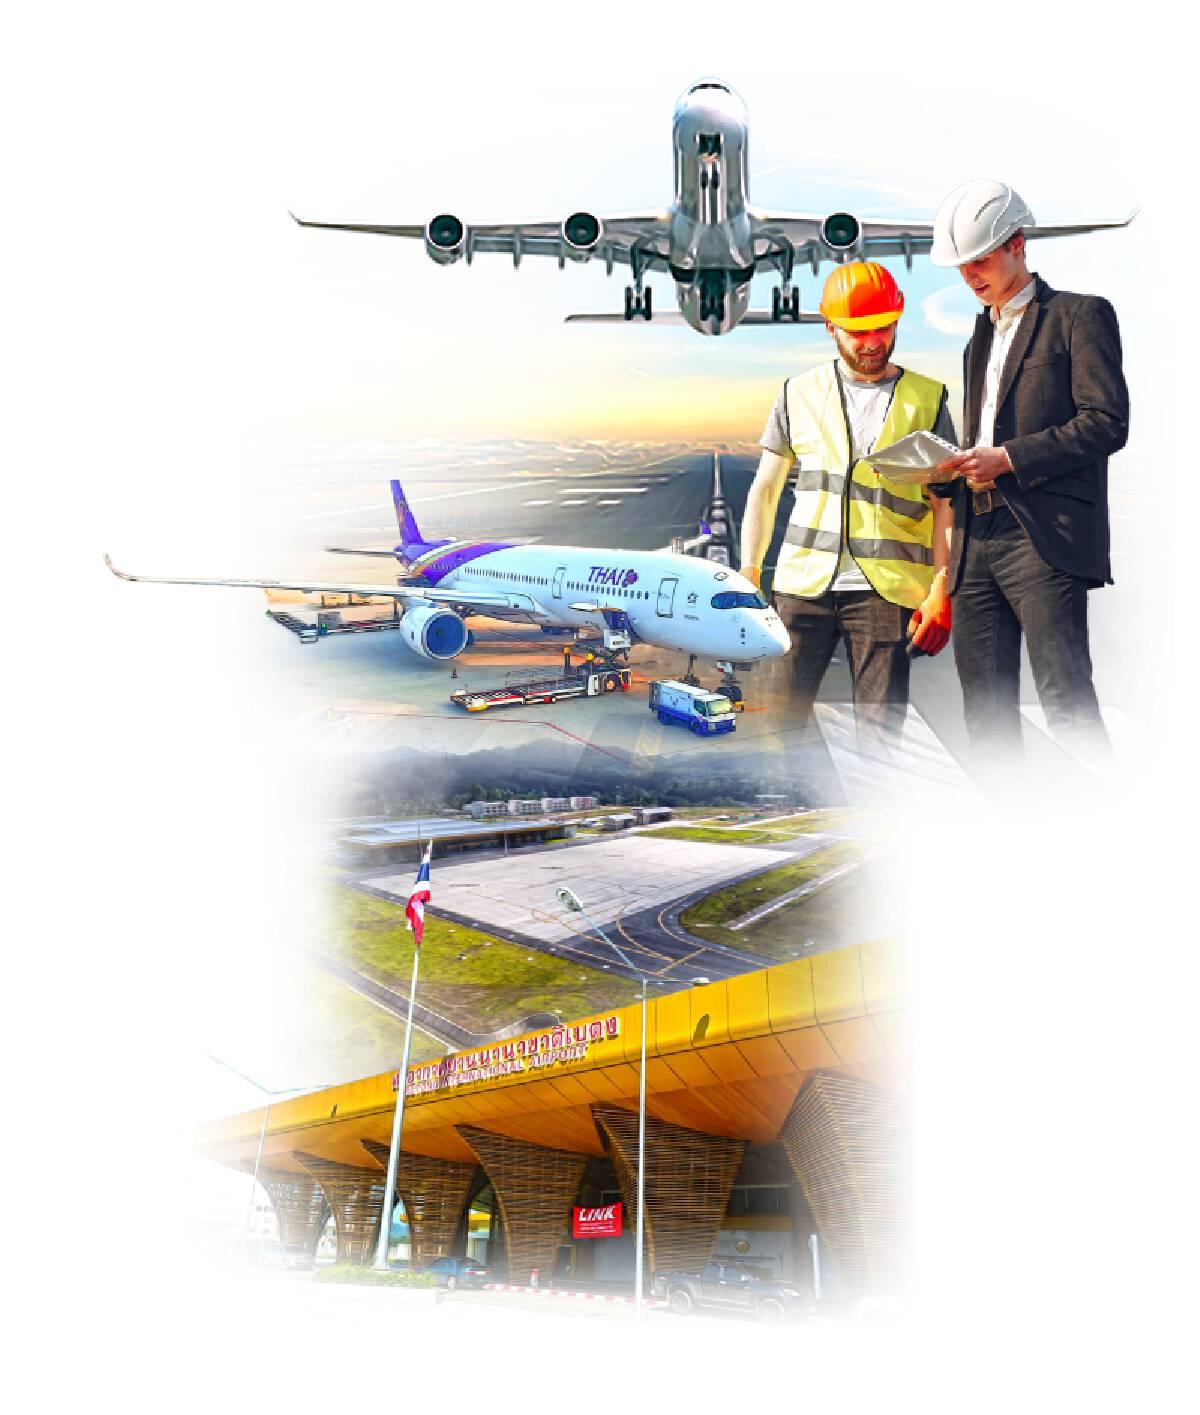 ทย.เปิดแผน  สร้าง4สนามบิน  บูมแดนอีสาน-ใต้